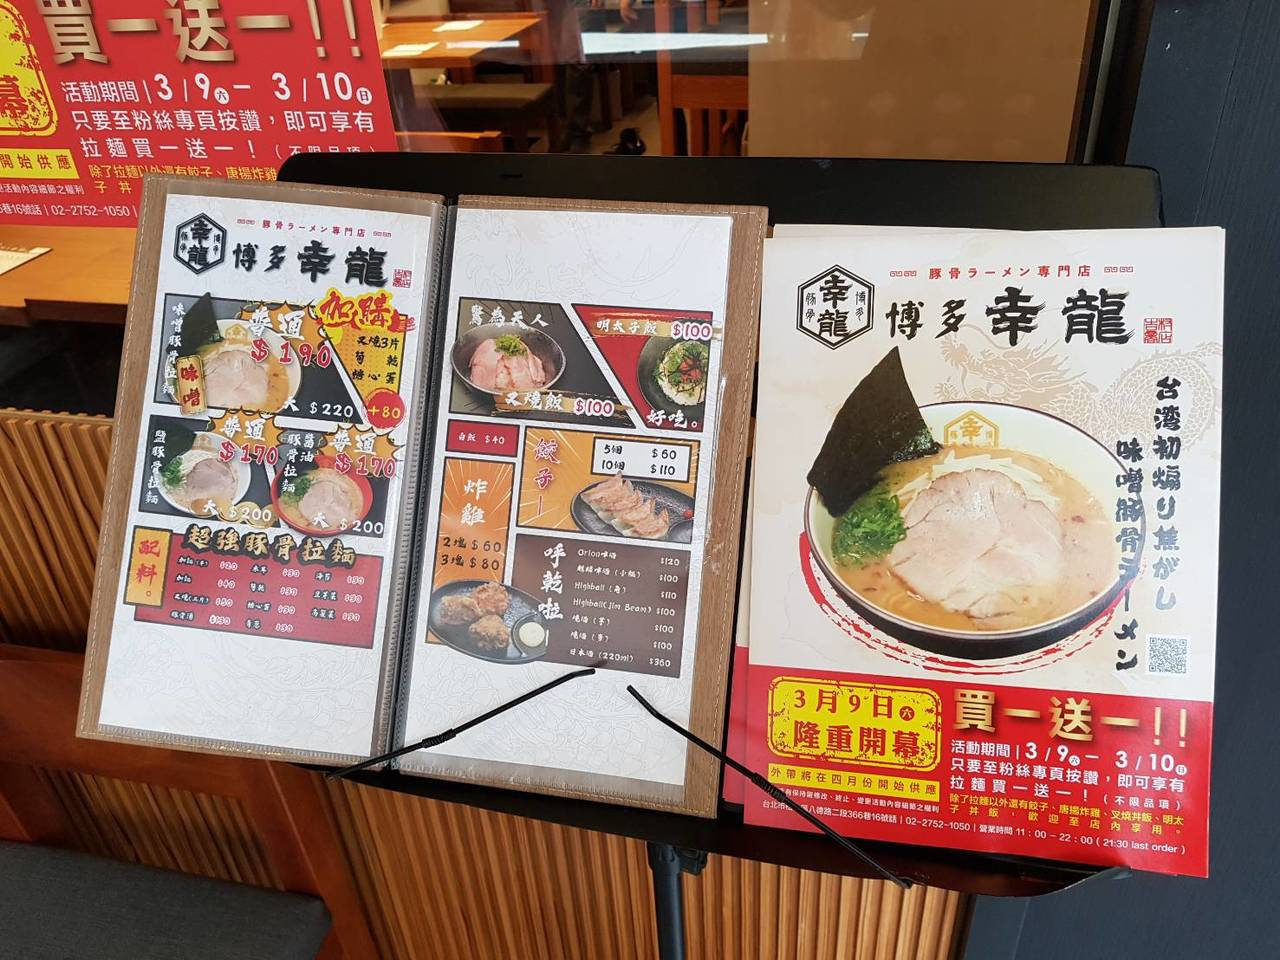 店內供應有3種口味拉麵,開幕期間還有買1送1的優惠。記者陳睿中/攝影